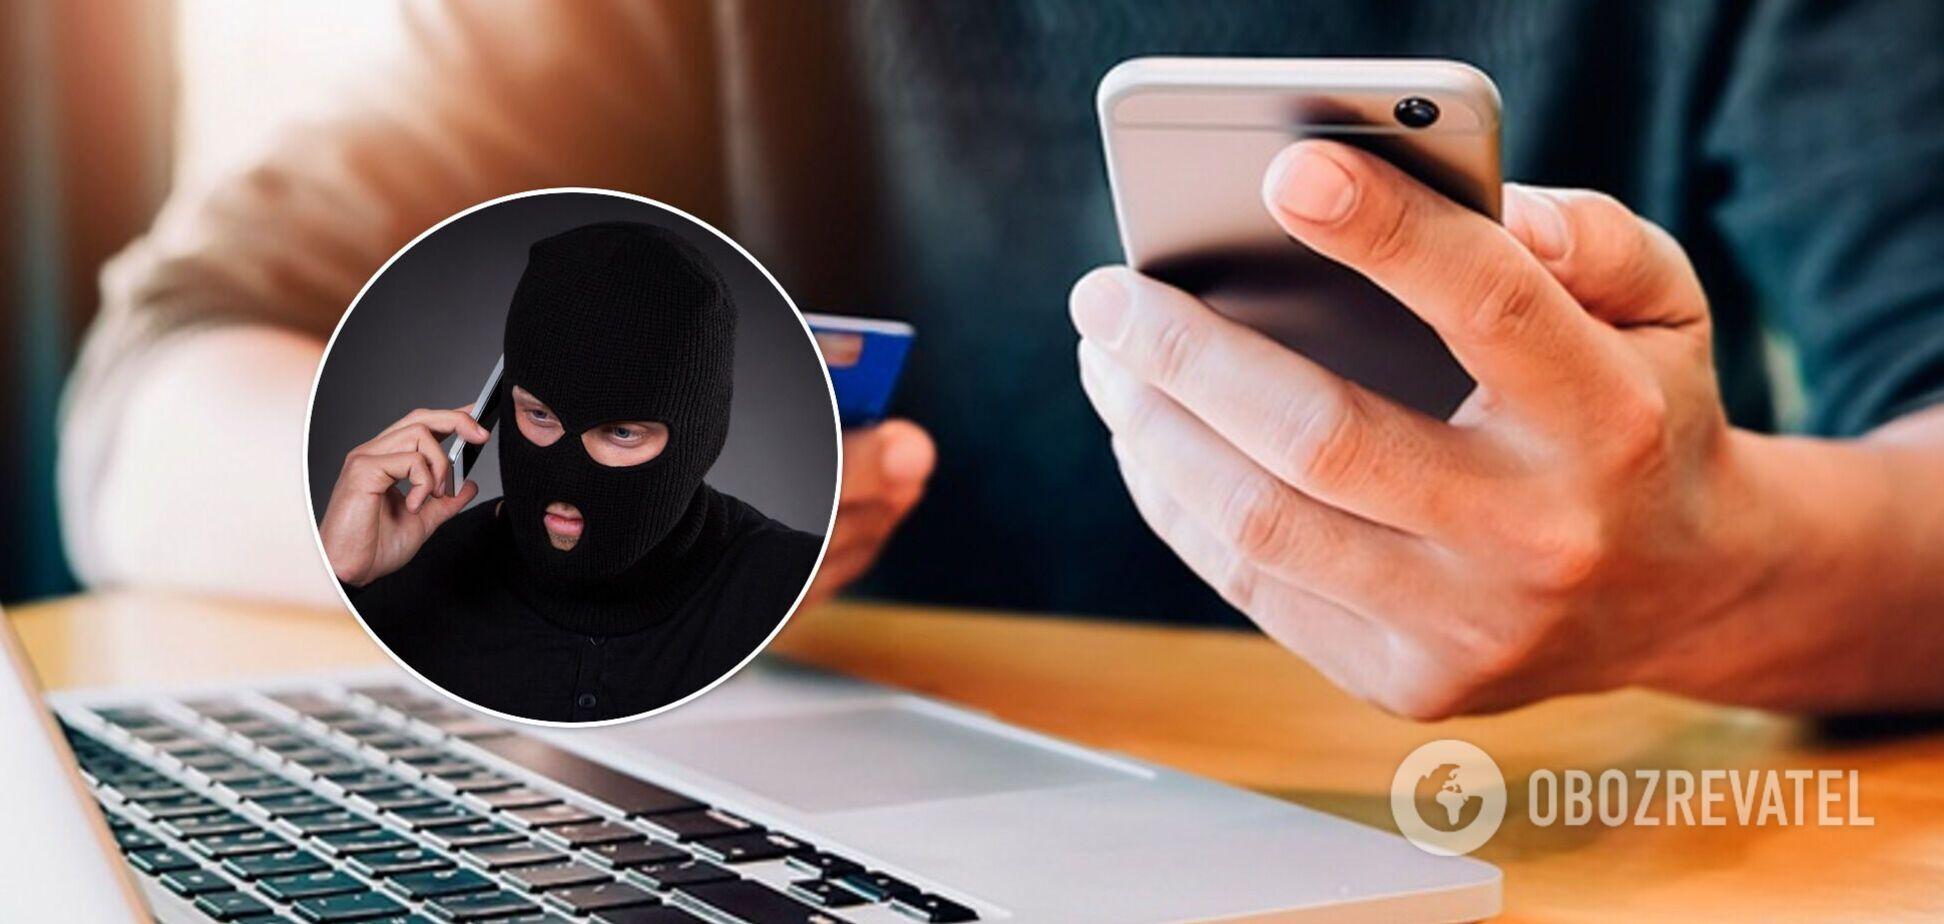 Шахраї 'блокують' телефони українців і вимагають викуп: які схеми використовують